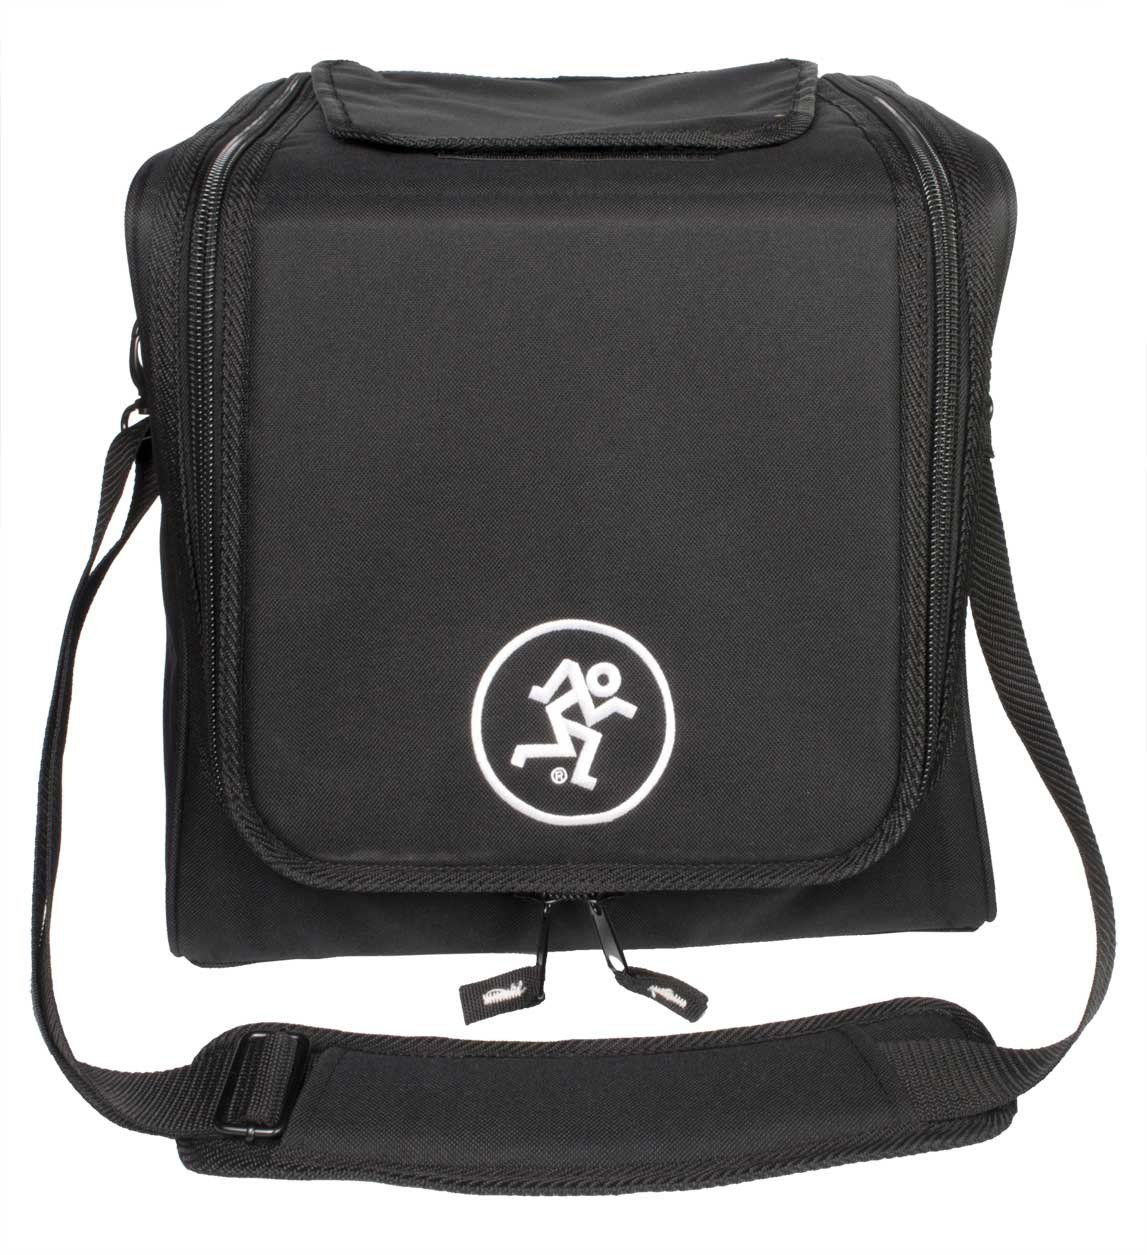 Speaker Bag for the DLM12